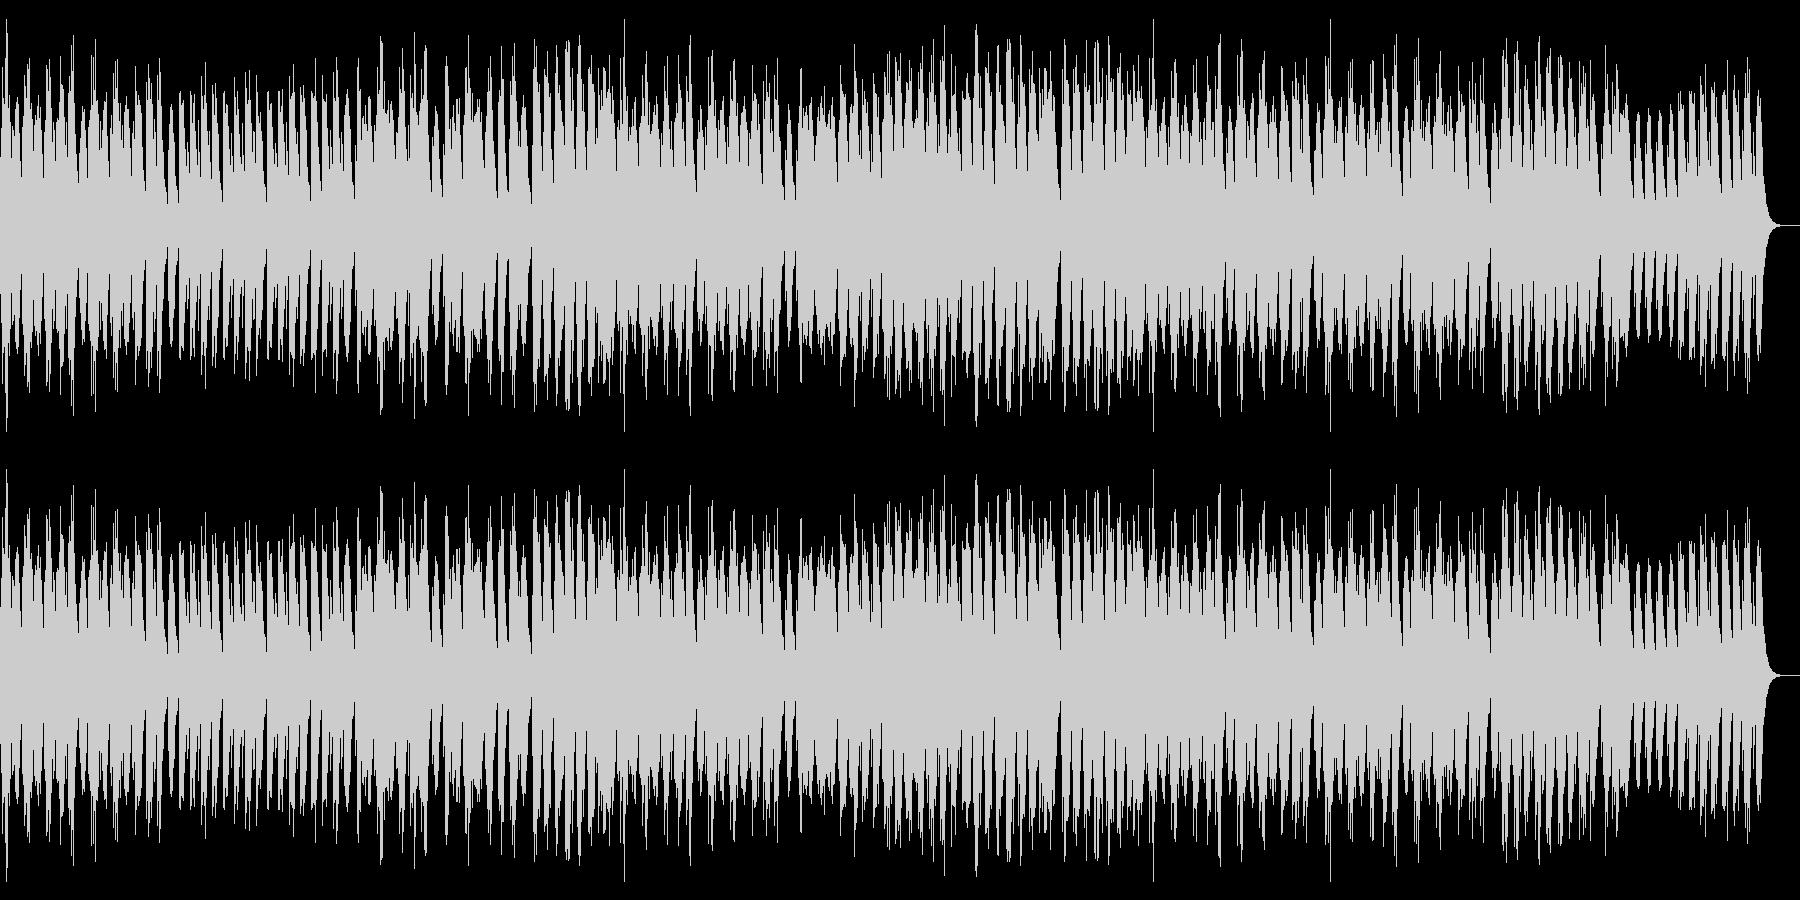 切ないメロディーのオルゴール曲の未再生の波形